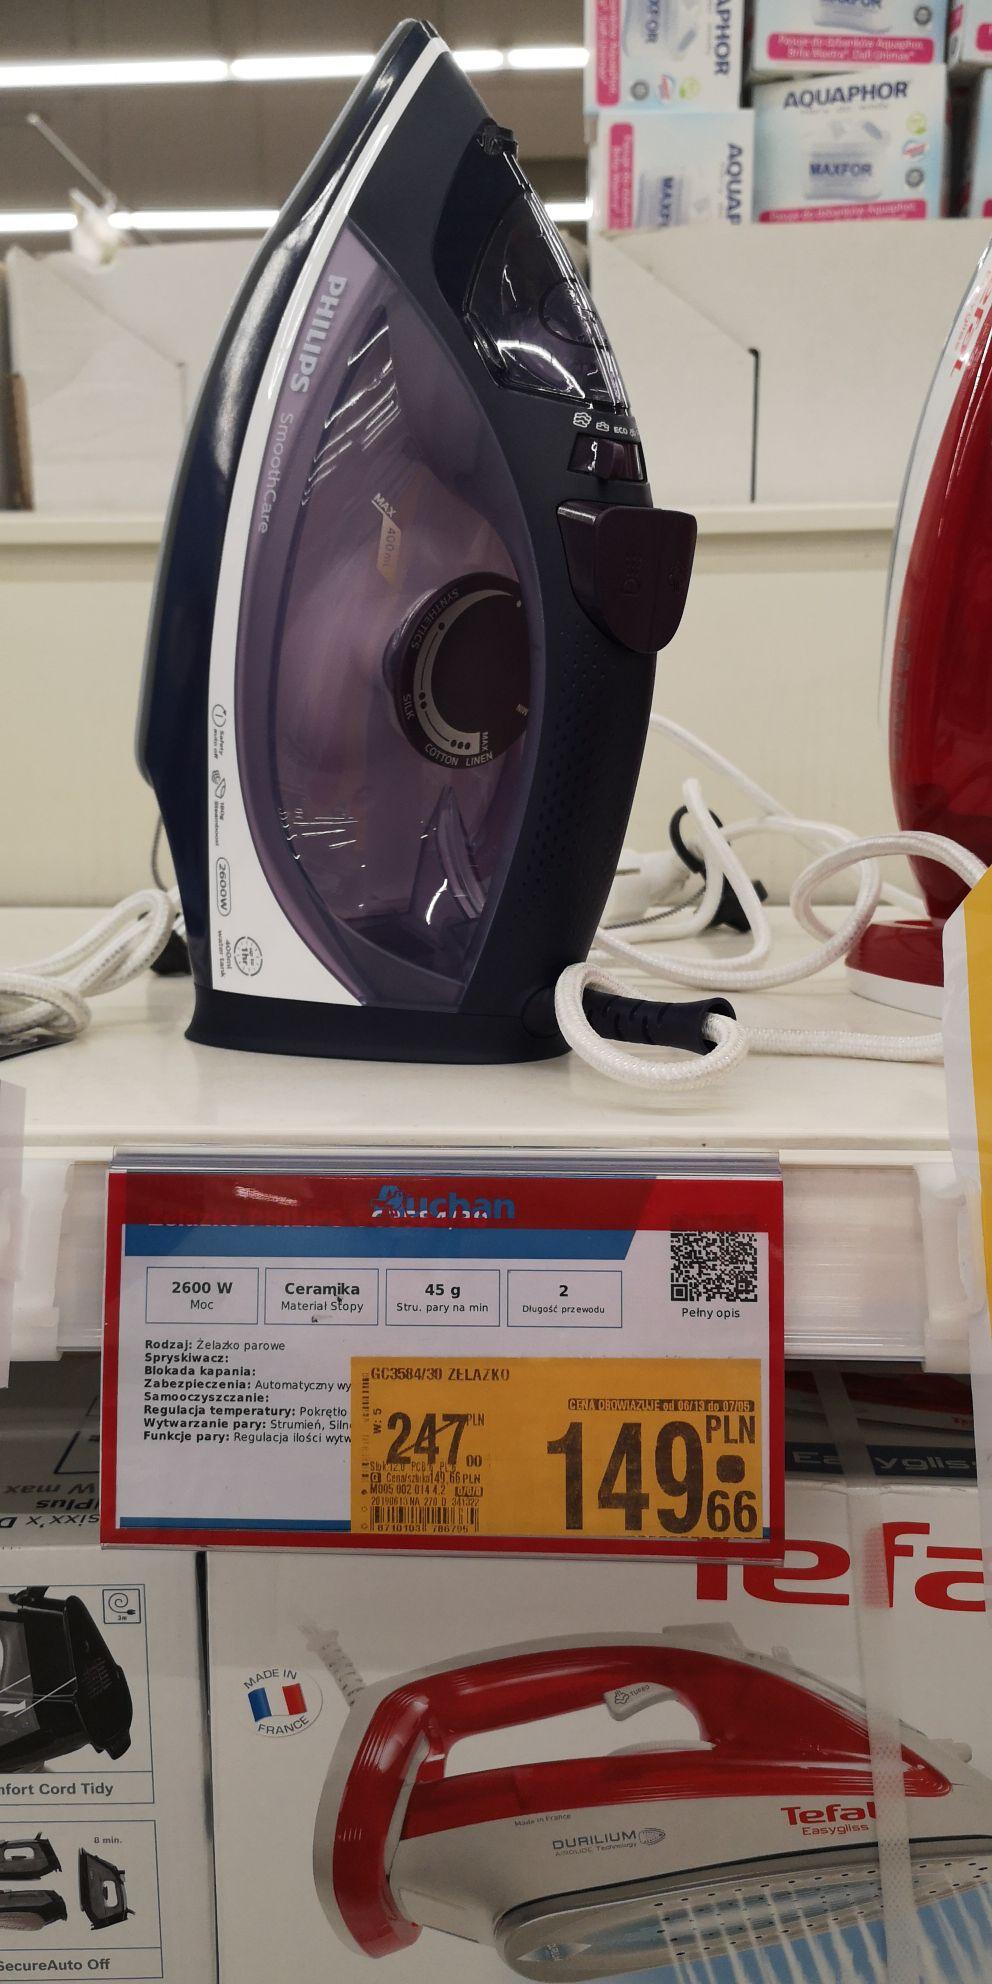 Żelazko Philips SmoothCare GC3584/30, 2600W - Auchan Kraków